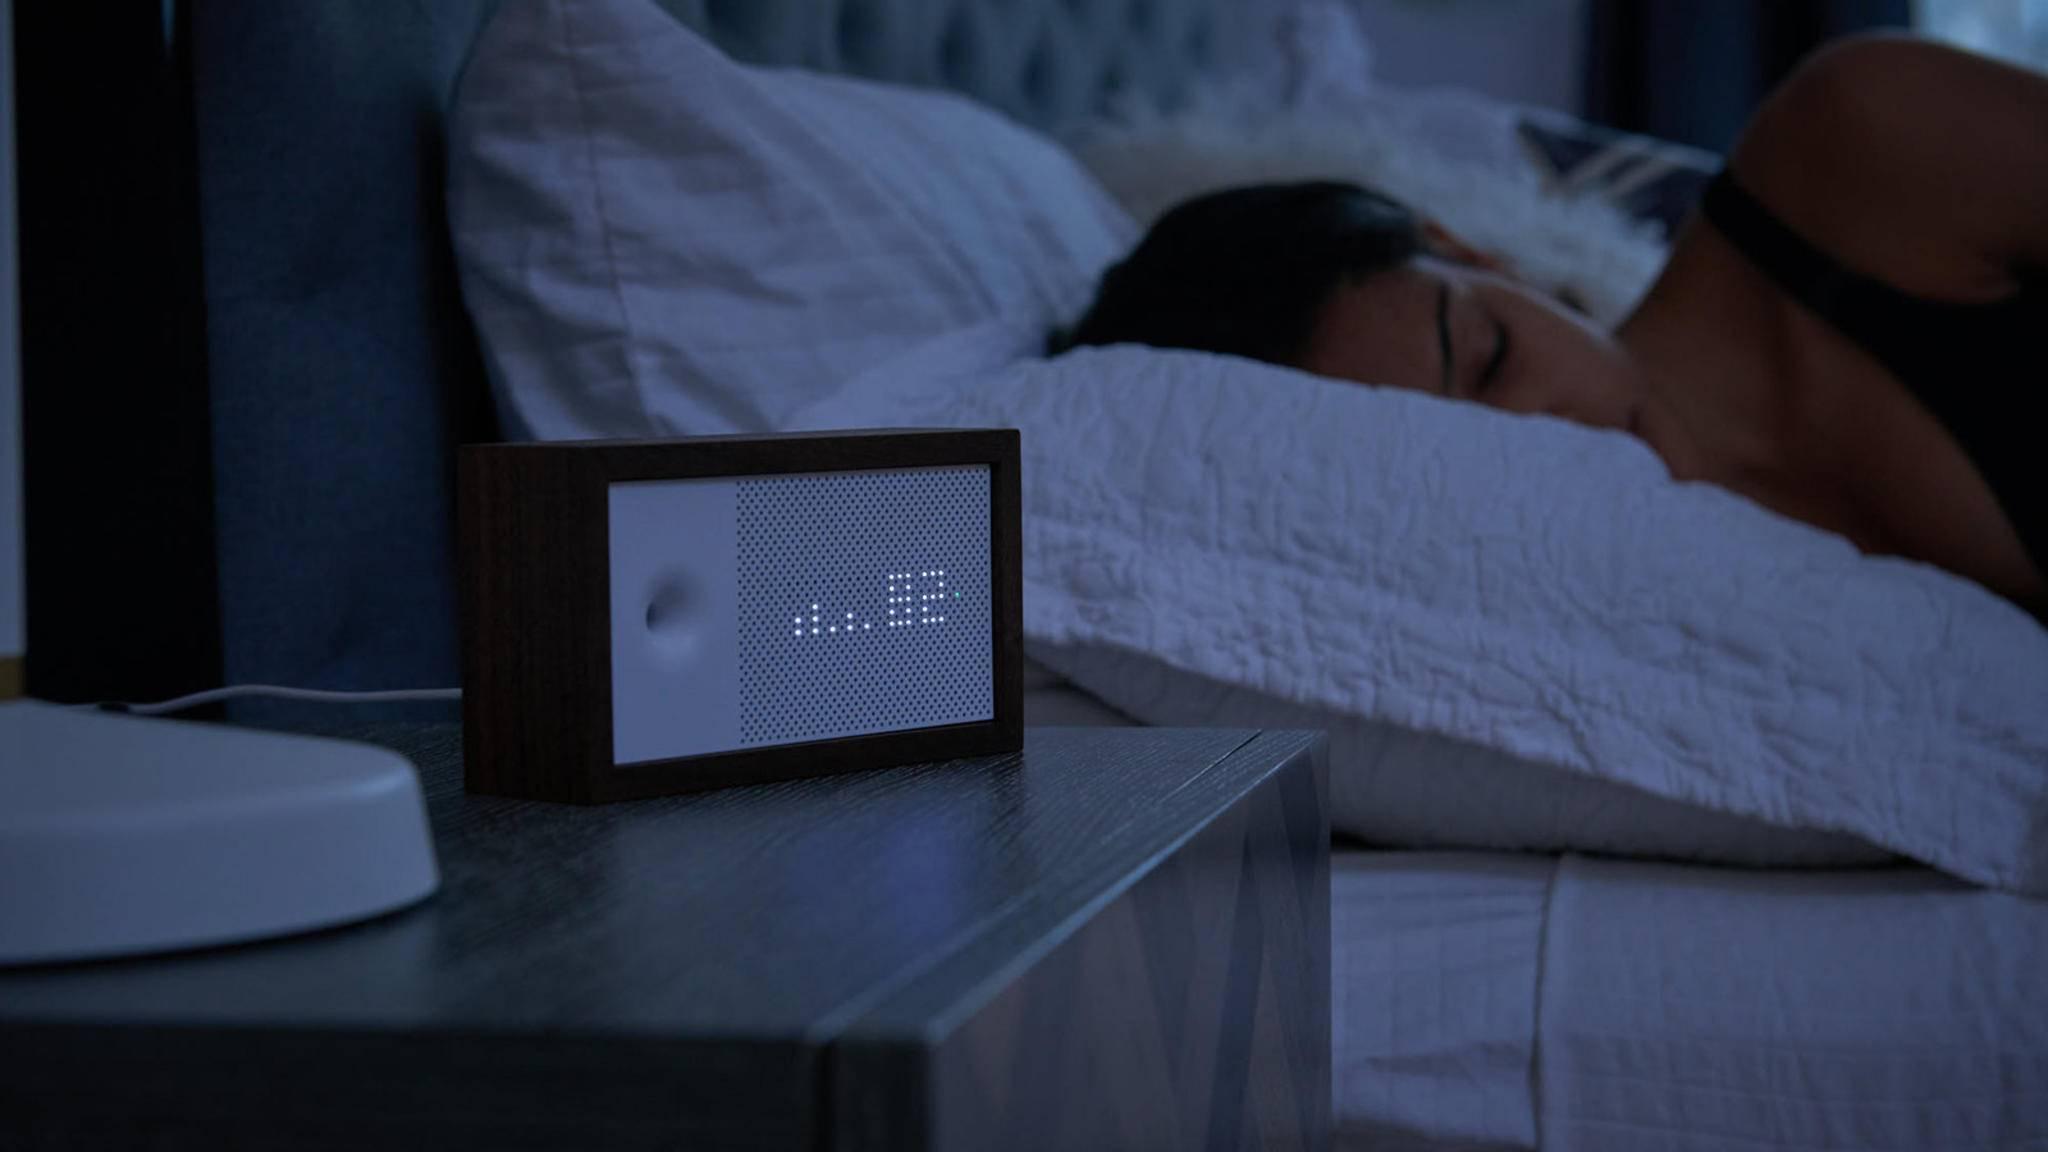 Eine durch Awair verbesserte Luftqualität soll Nutzer unter anderem zu einem besseren Schlaf verhelfen.